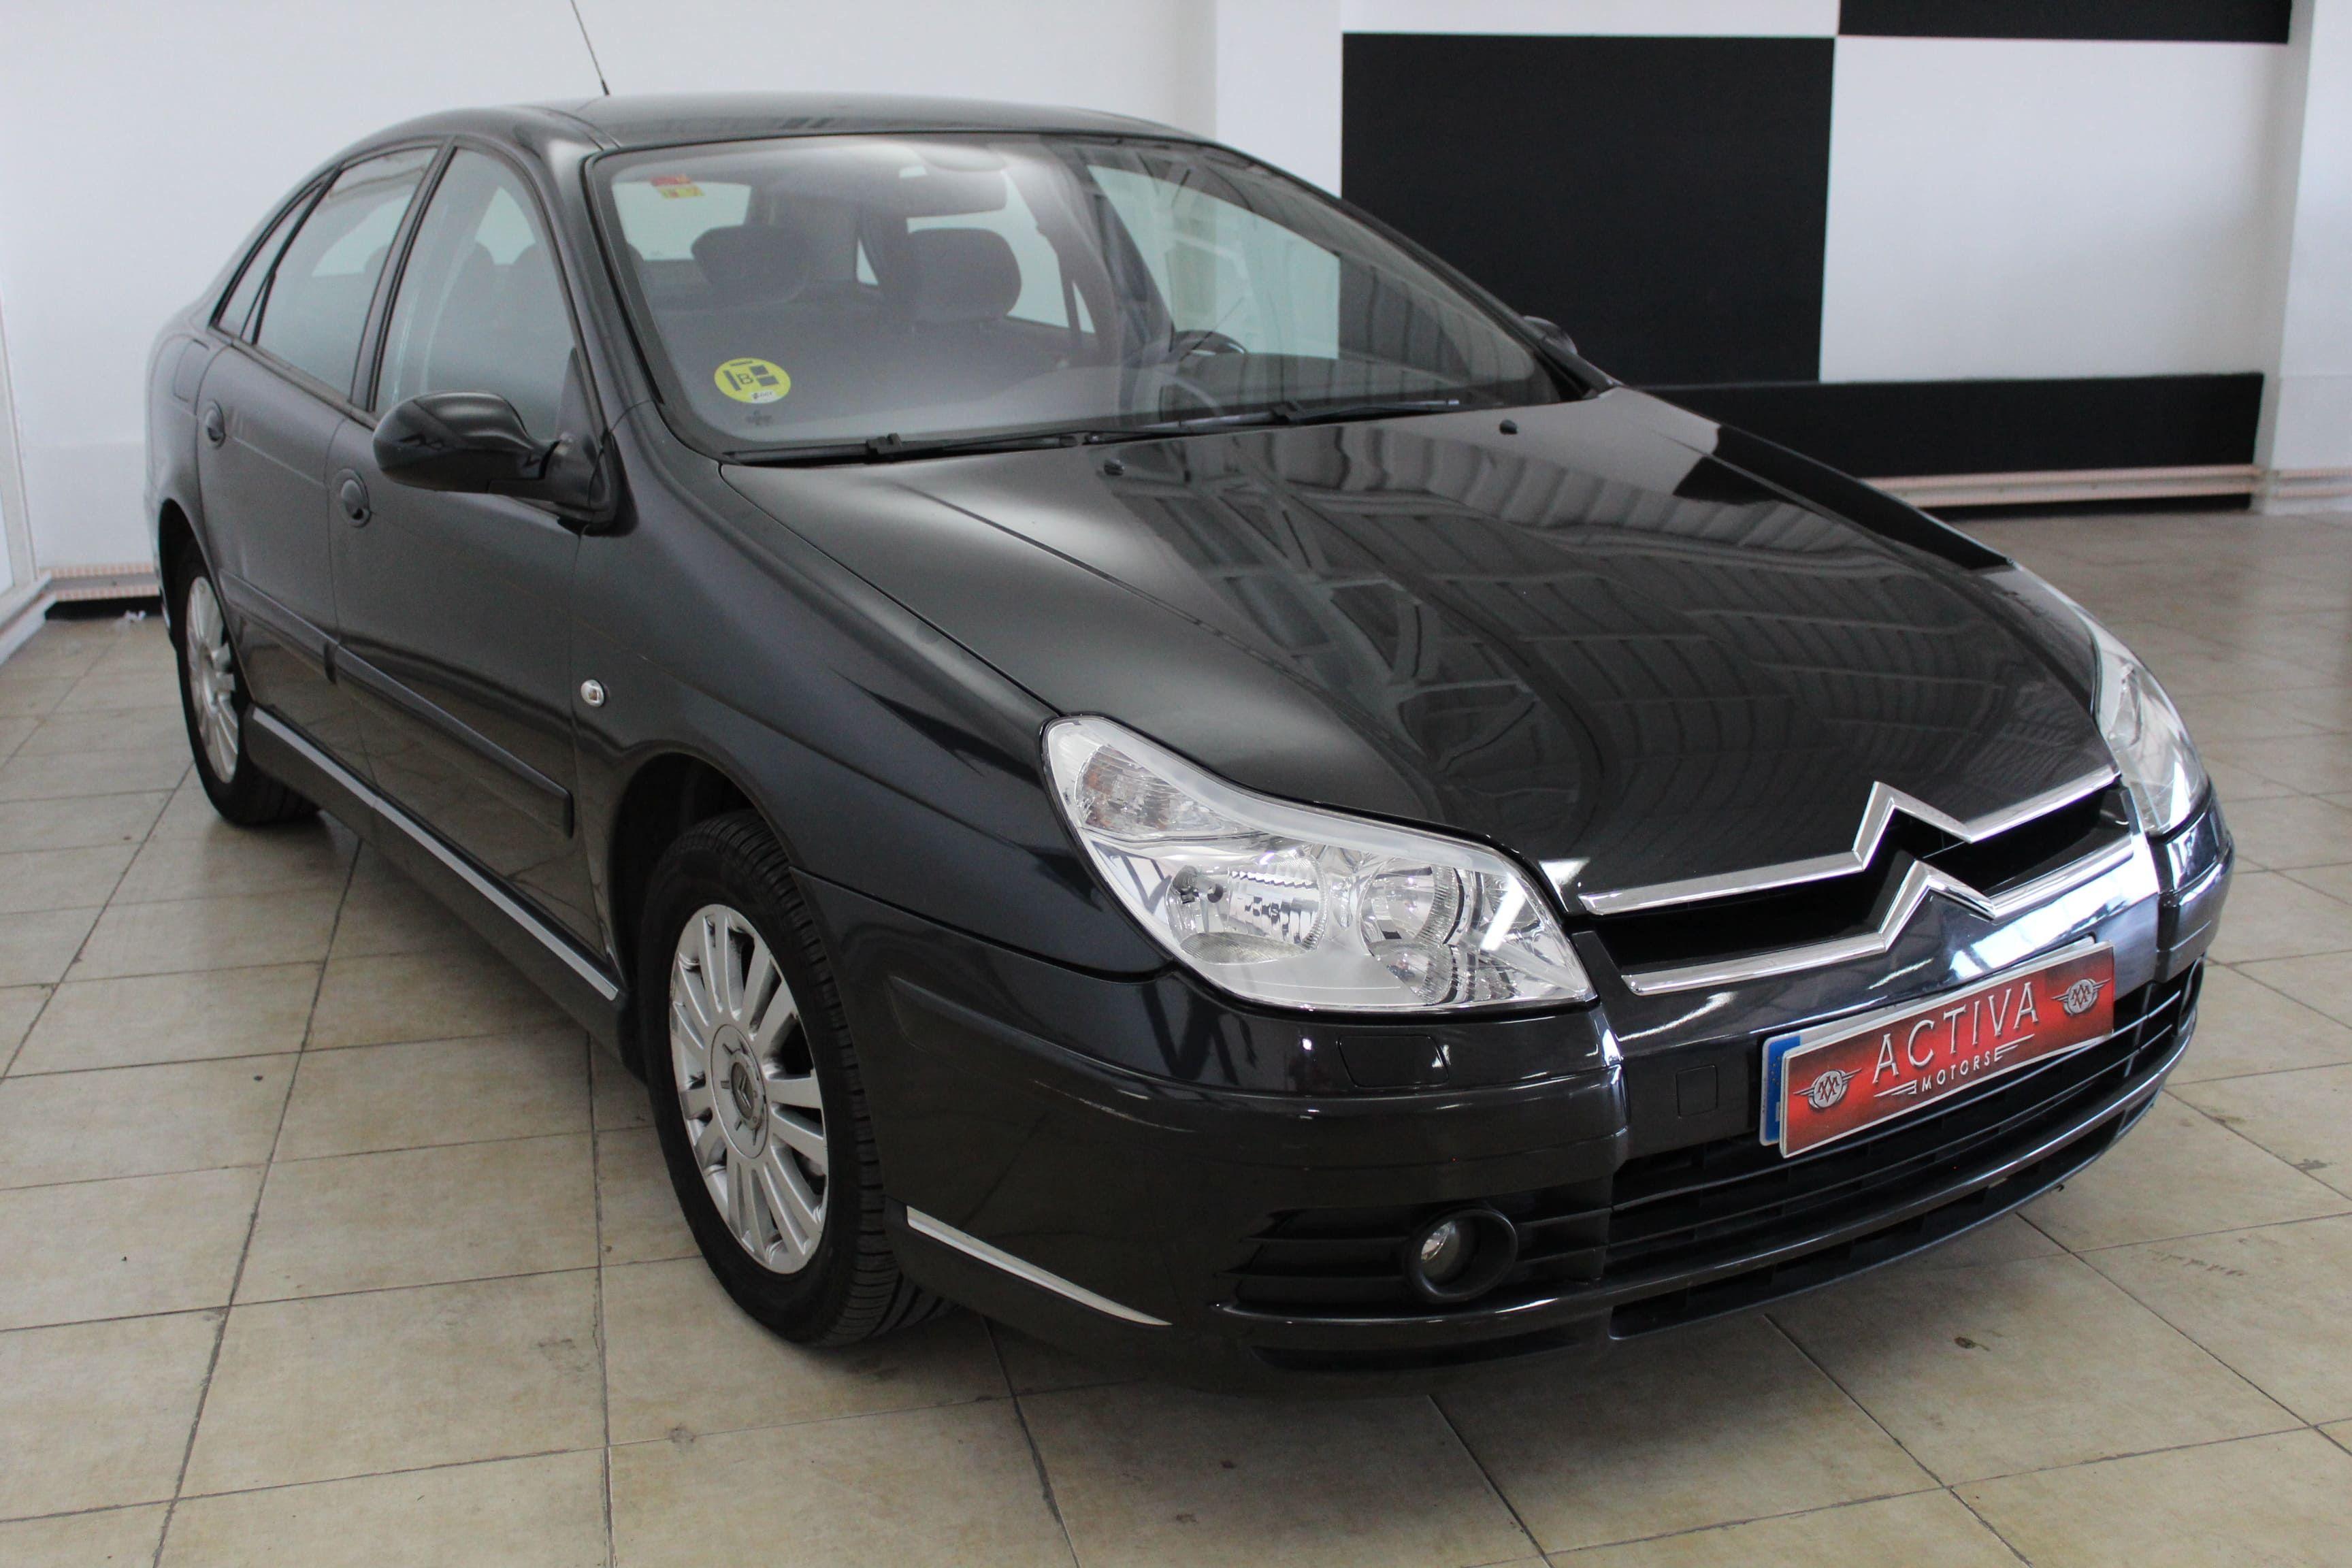 Citroën C5 2.0 HDi Exclusive 5p: Nuestros Vehículos de Activa Motors